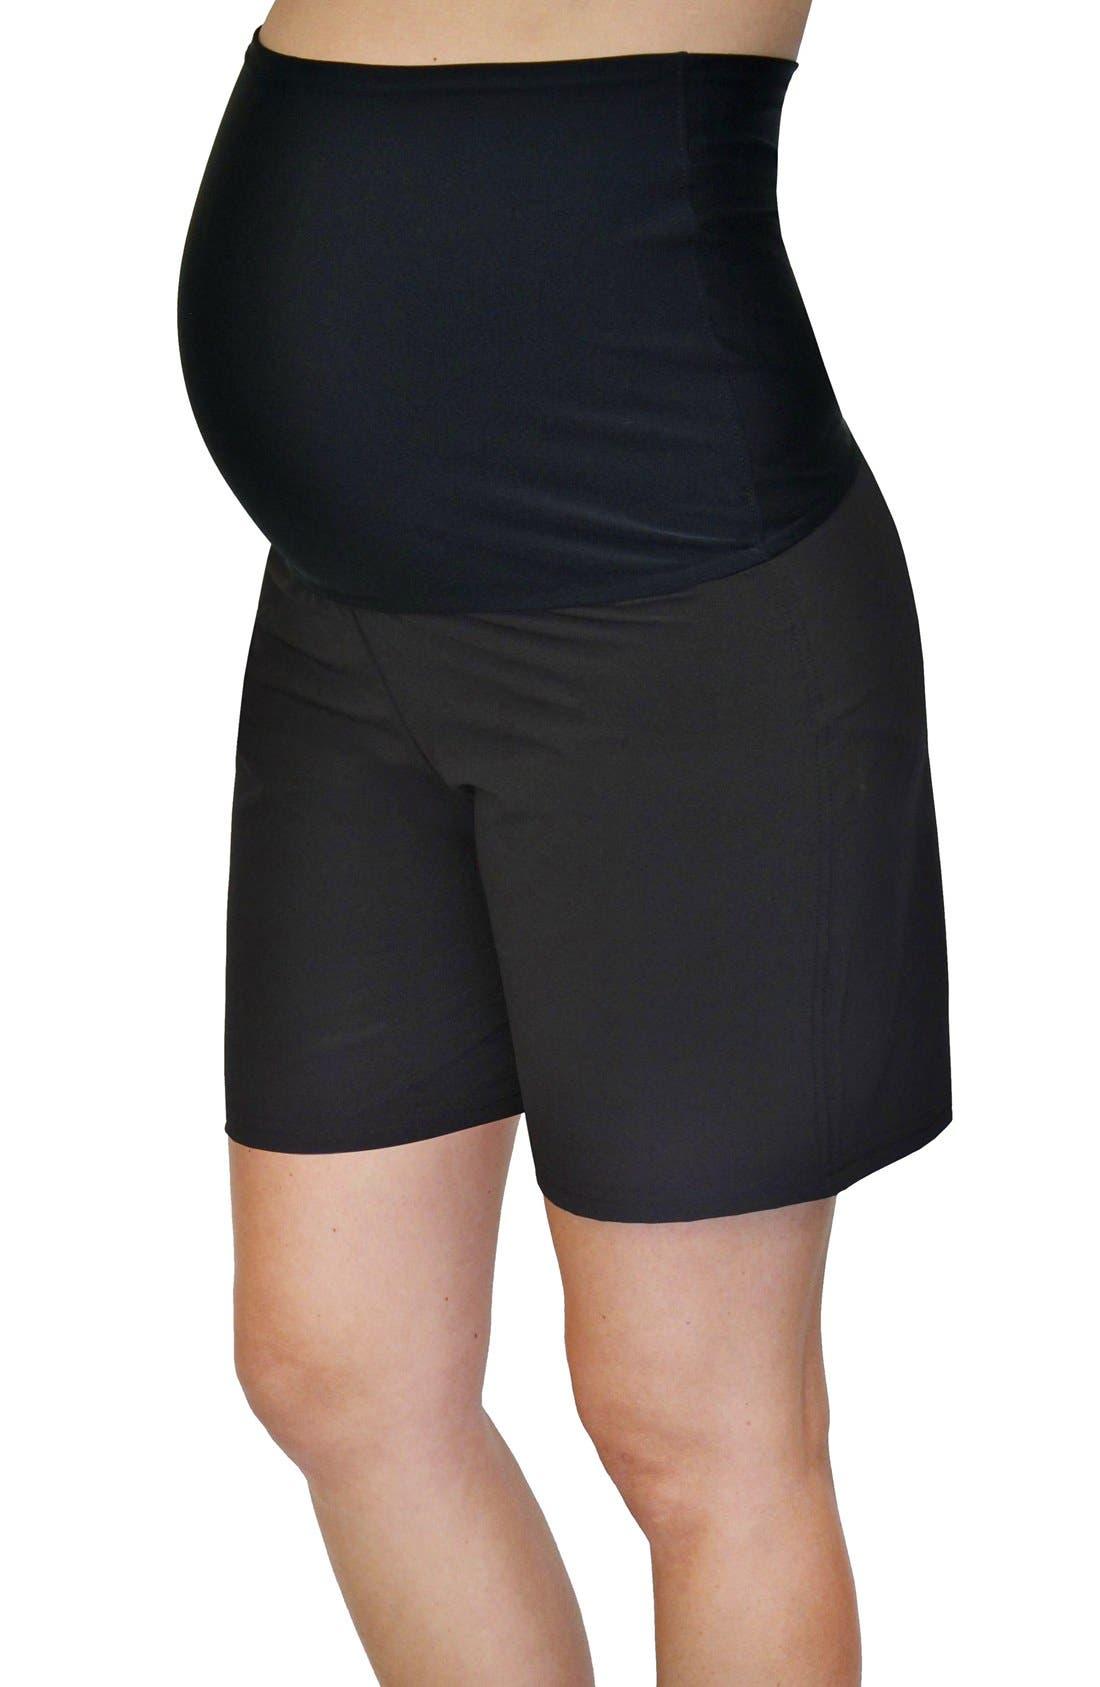 Mermaid Maternity Foldover Maternity Board Shorts